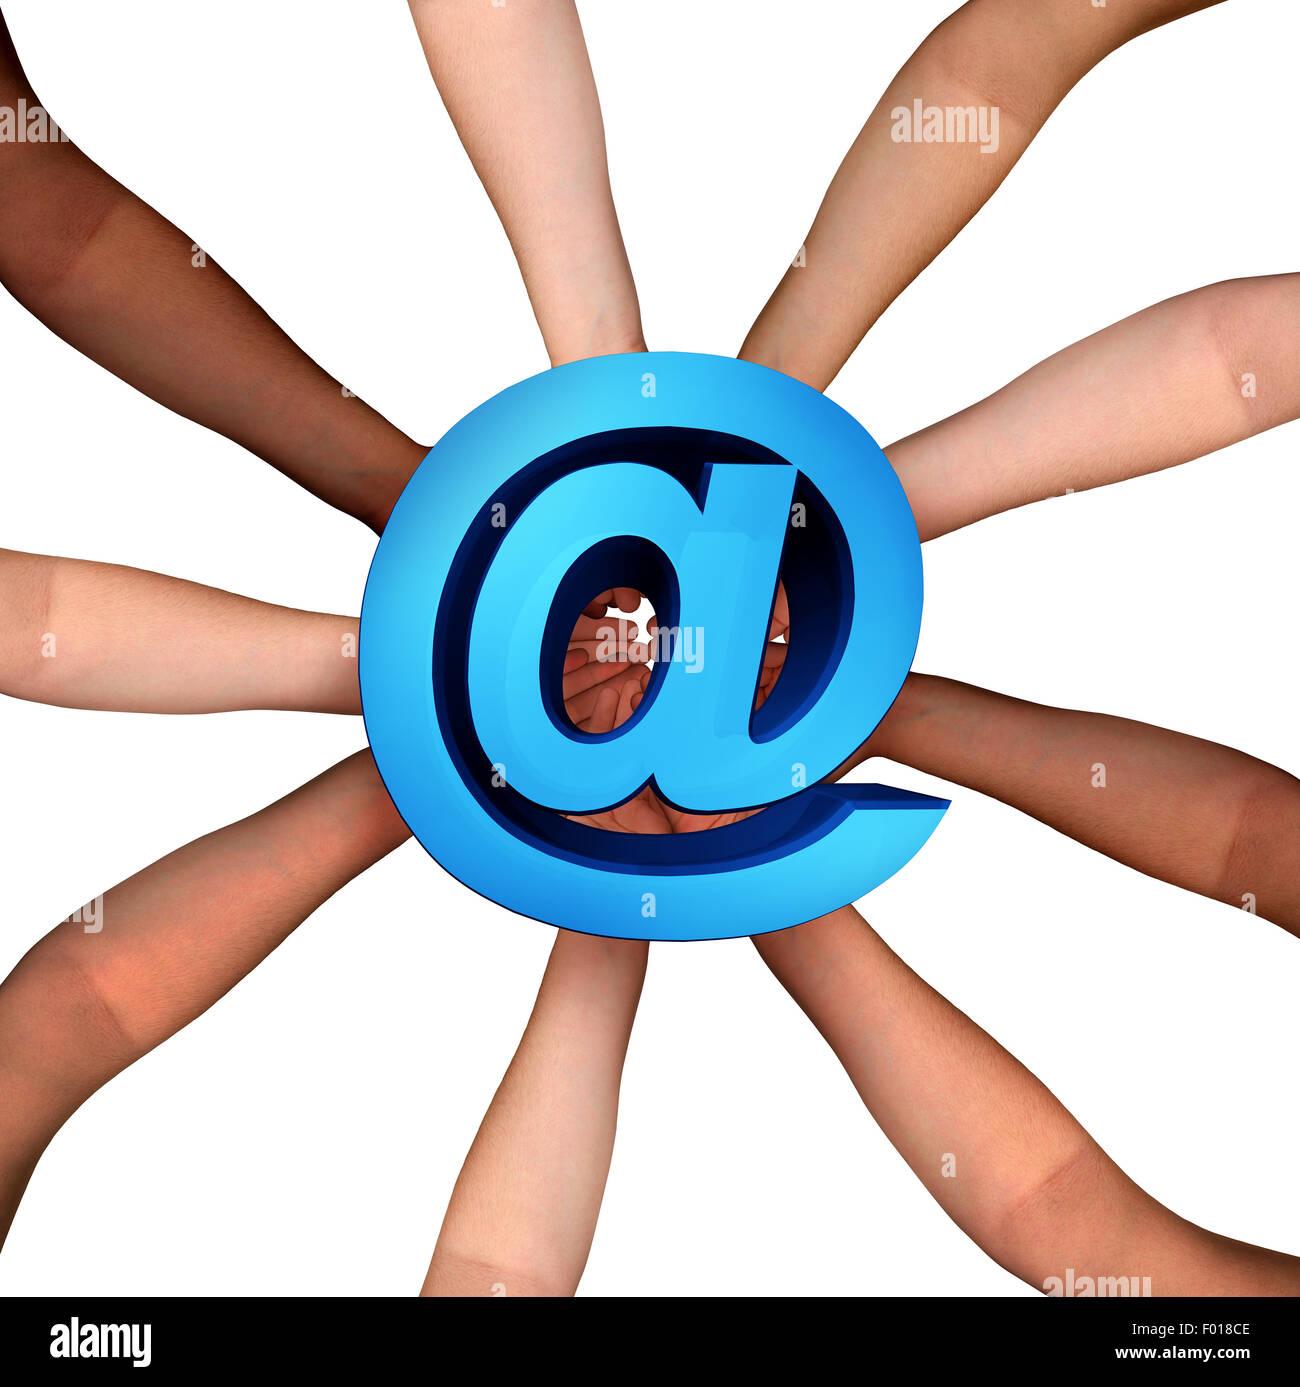 Comunità online collaborazione in Internet e di internet il concetto di cooperazione e sociale partecipazione Immagini Stock